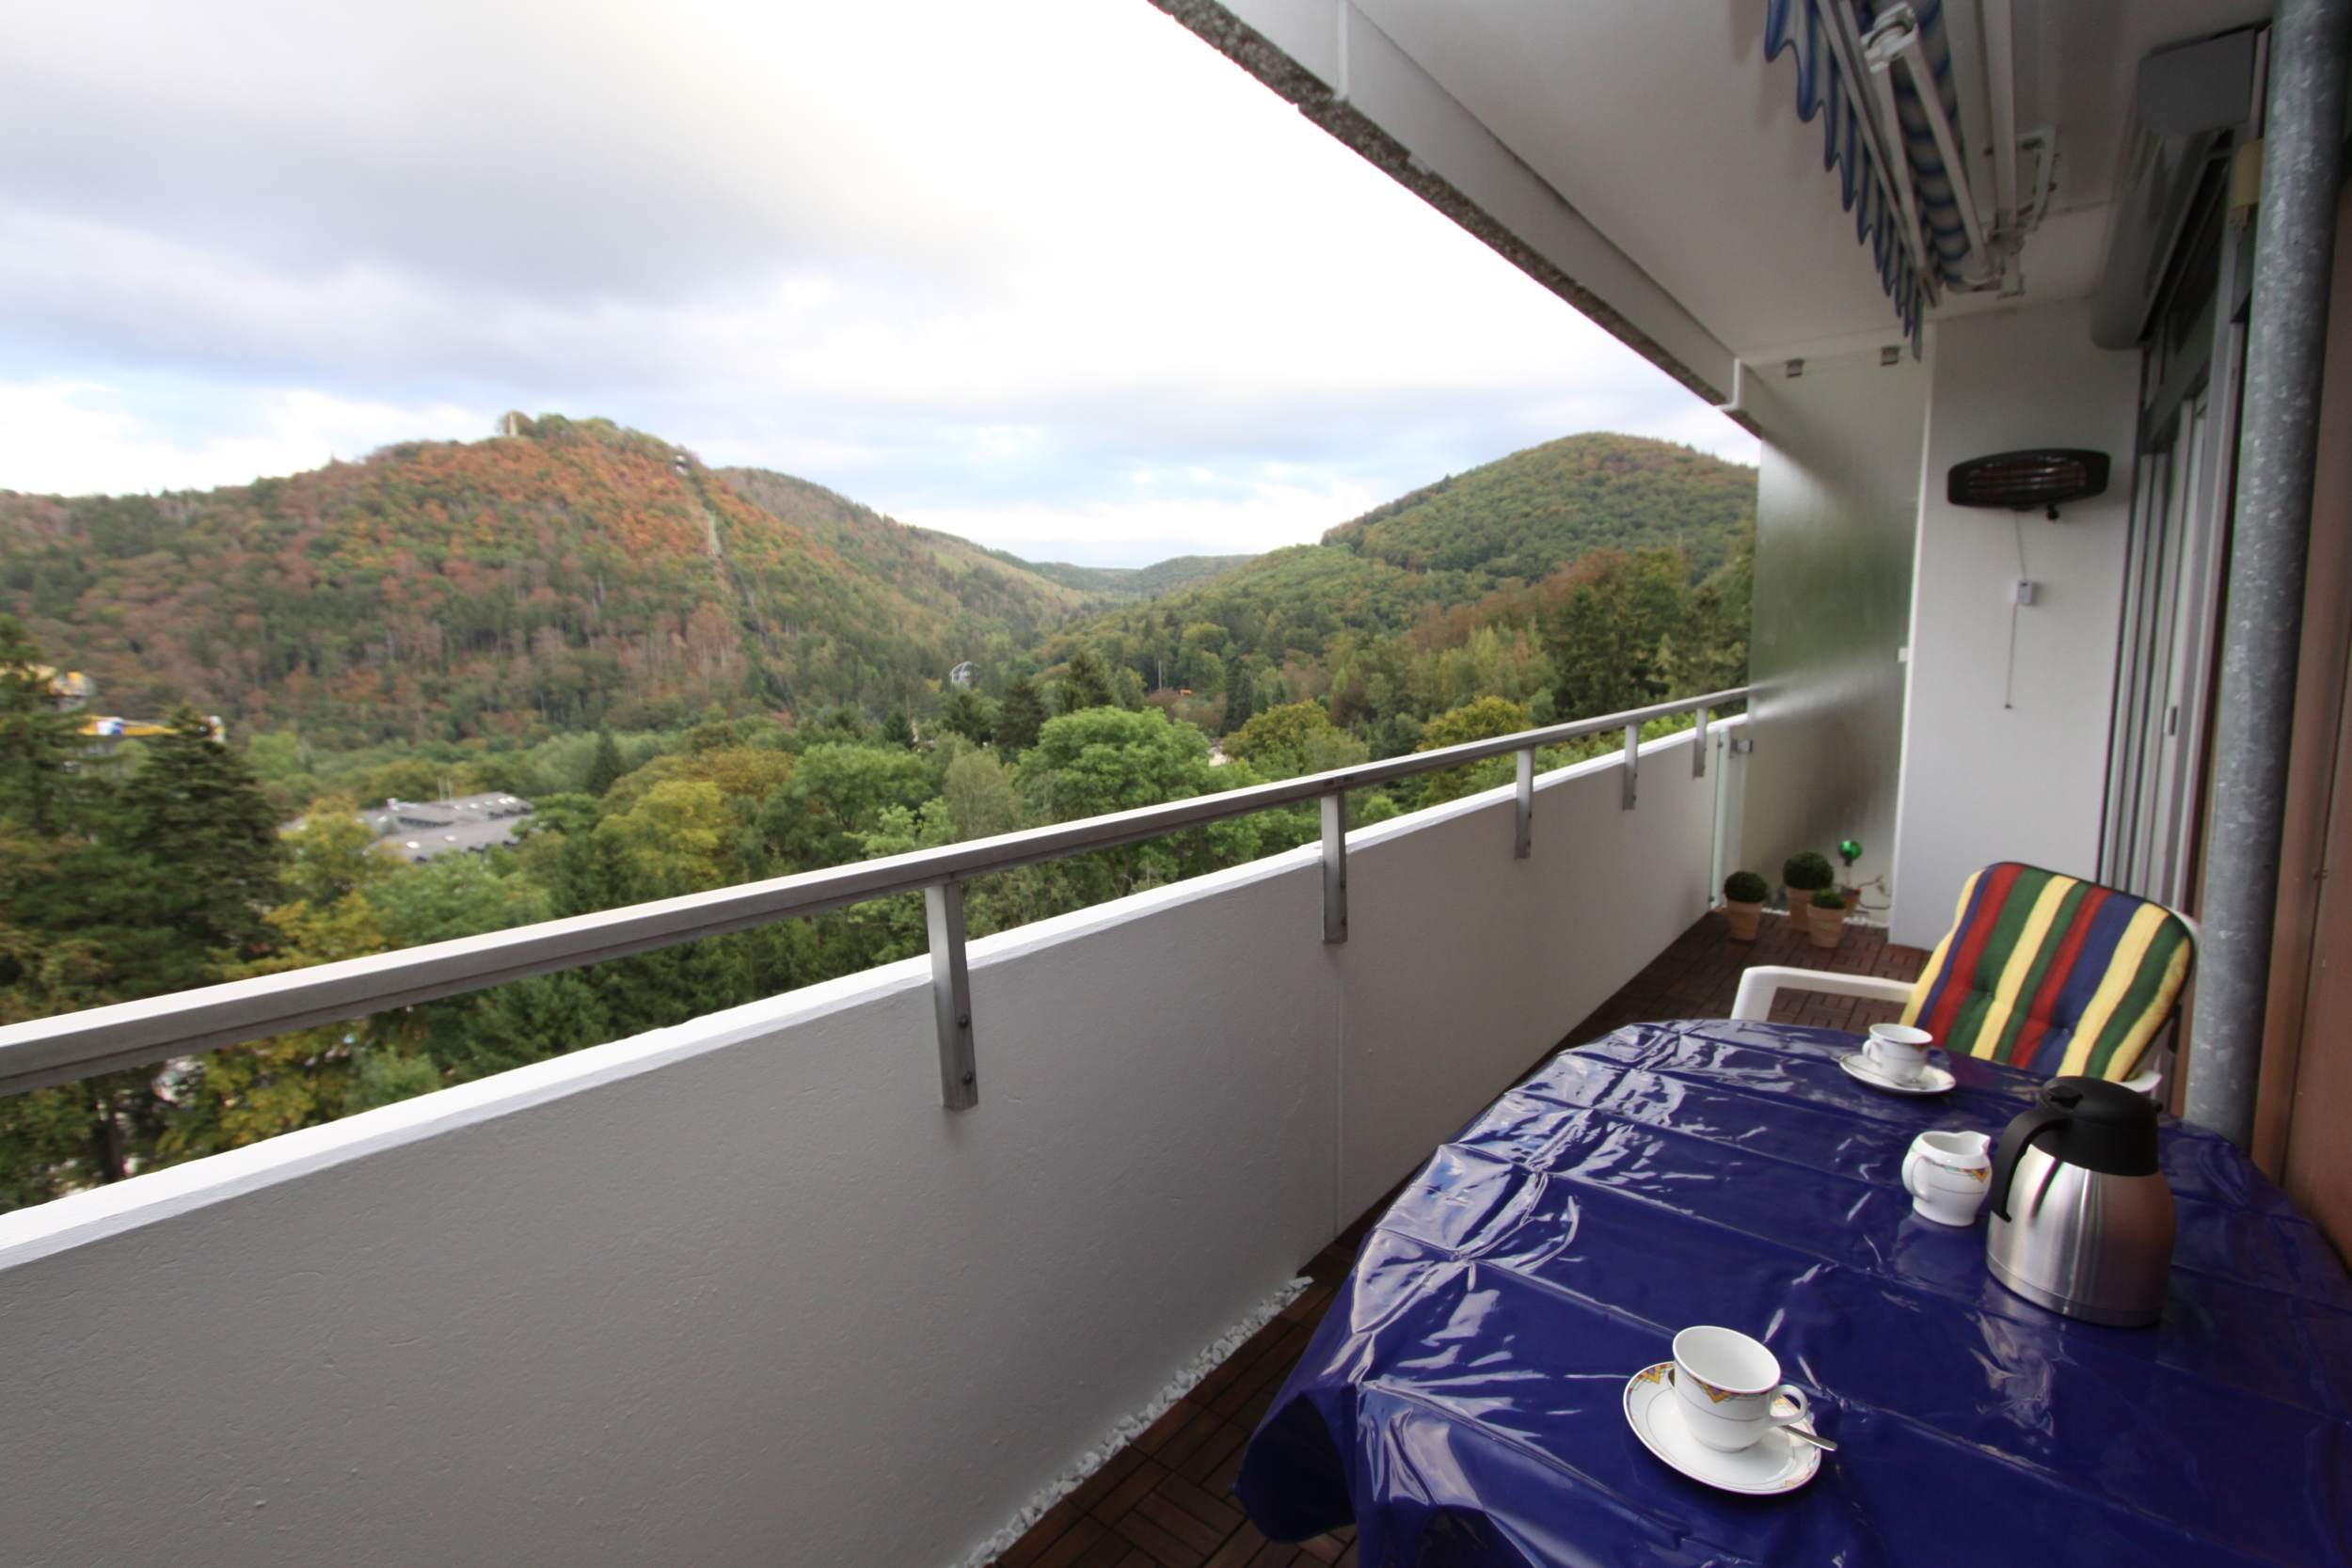 Ferienwohnung Riefenbach in Bad Harzburg - Balkon